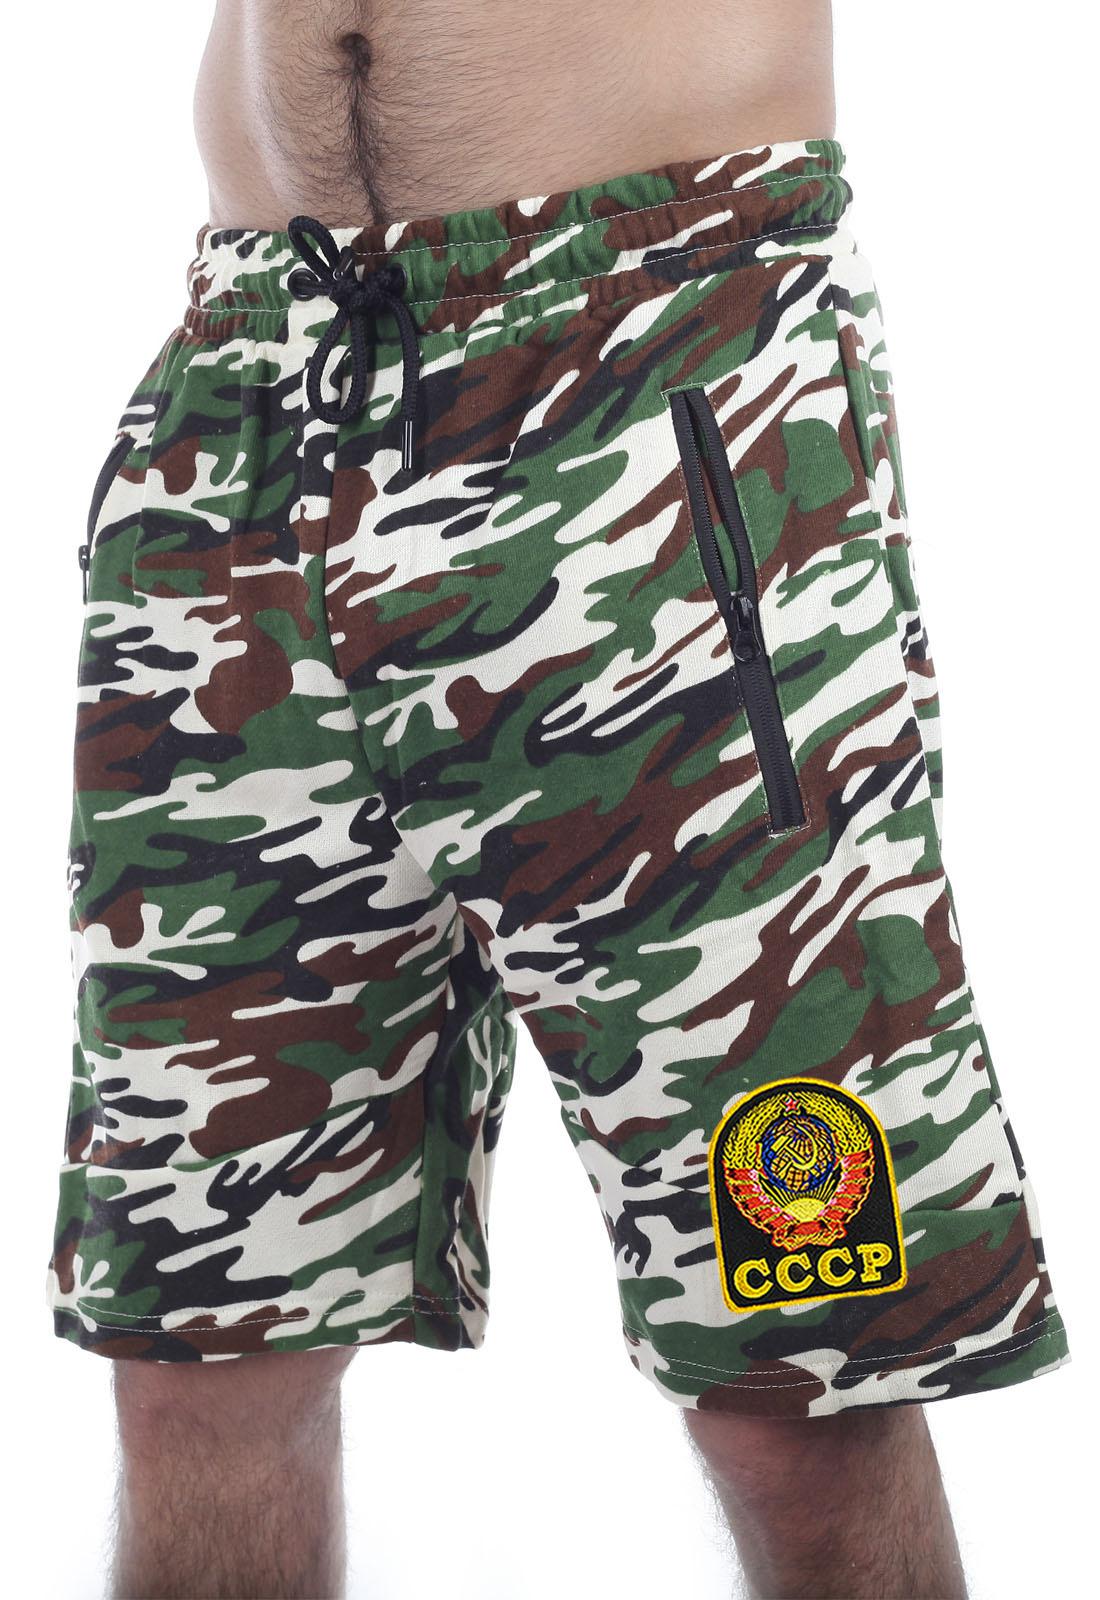 Купить камуфлированные модные шорты с нашивкой СССР оптом или в розницу